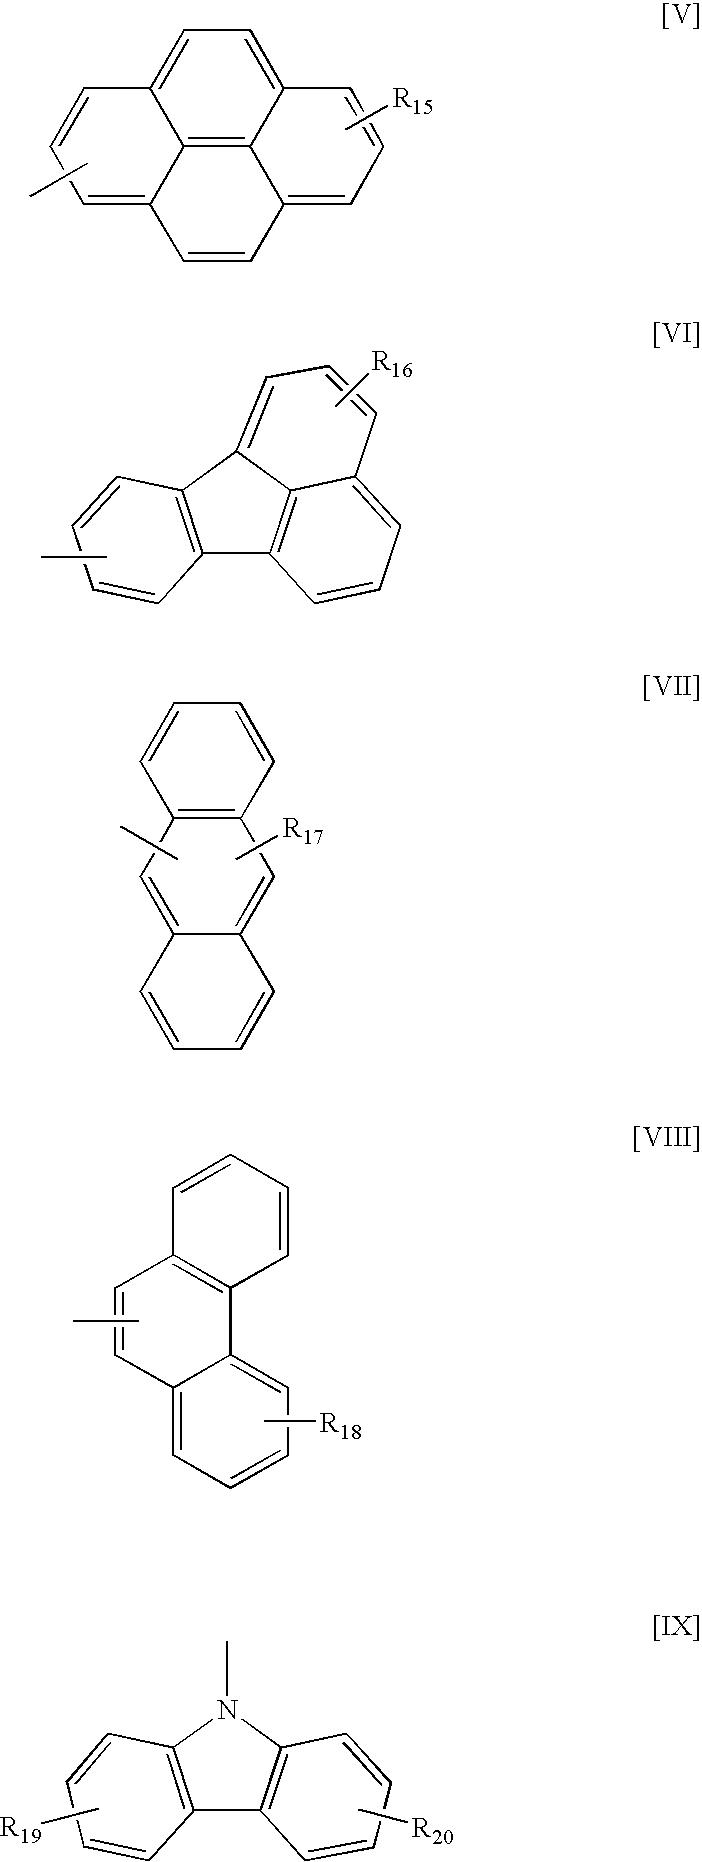 Figure US20060134425A1-20060622-C00045